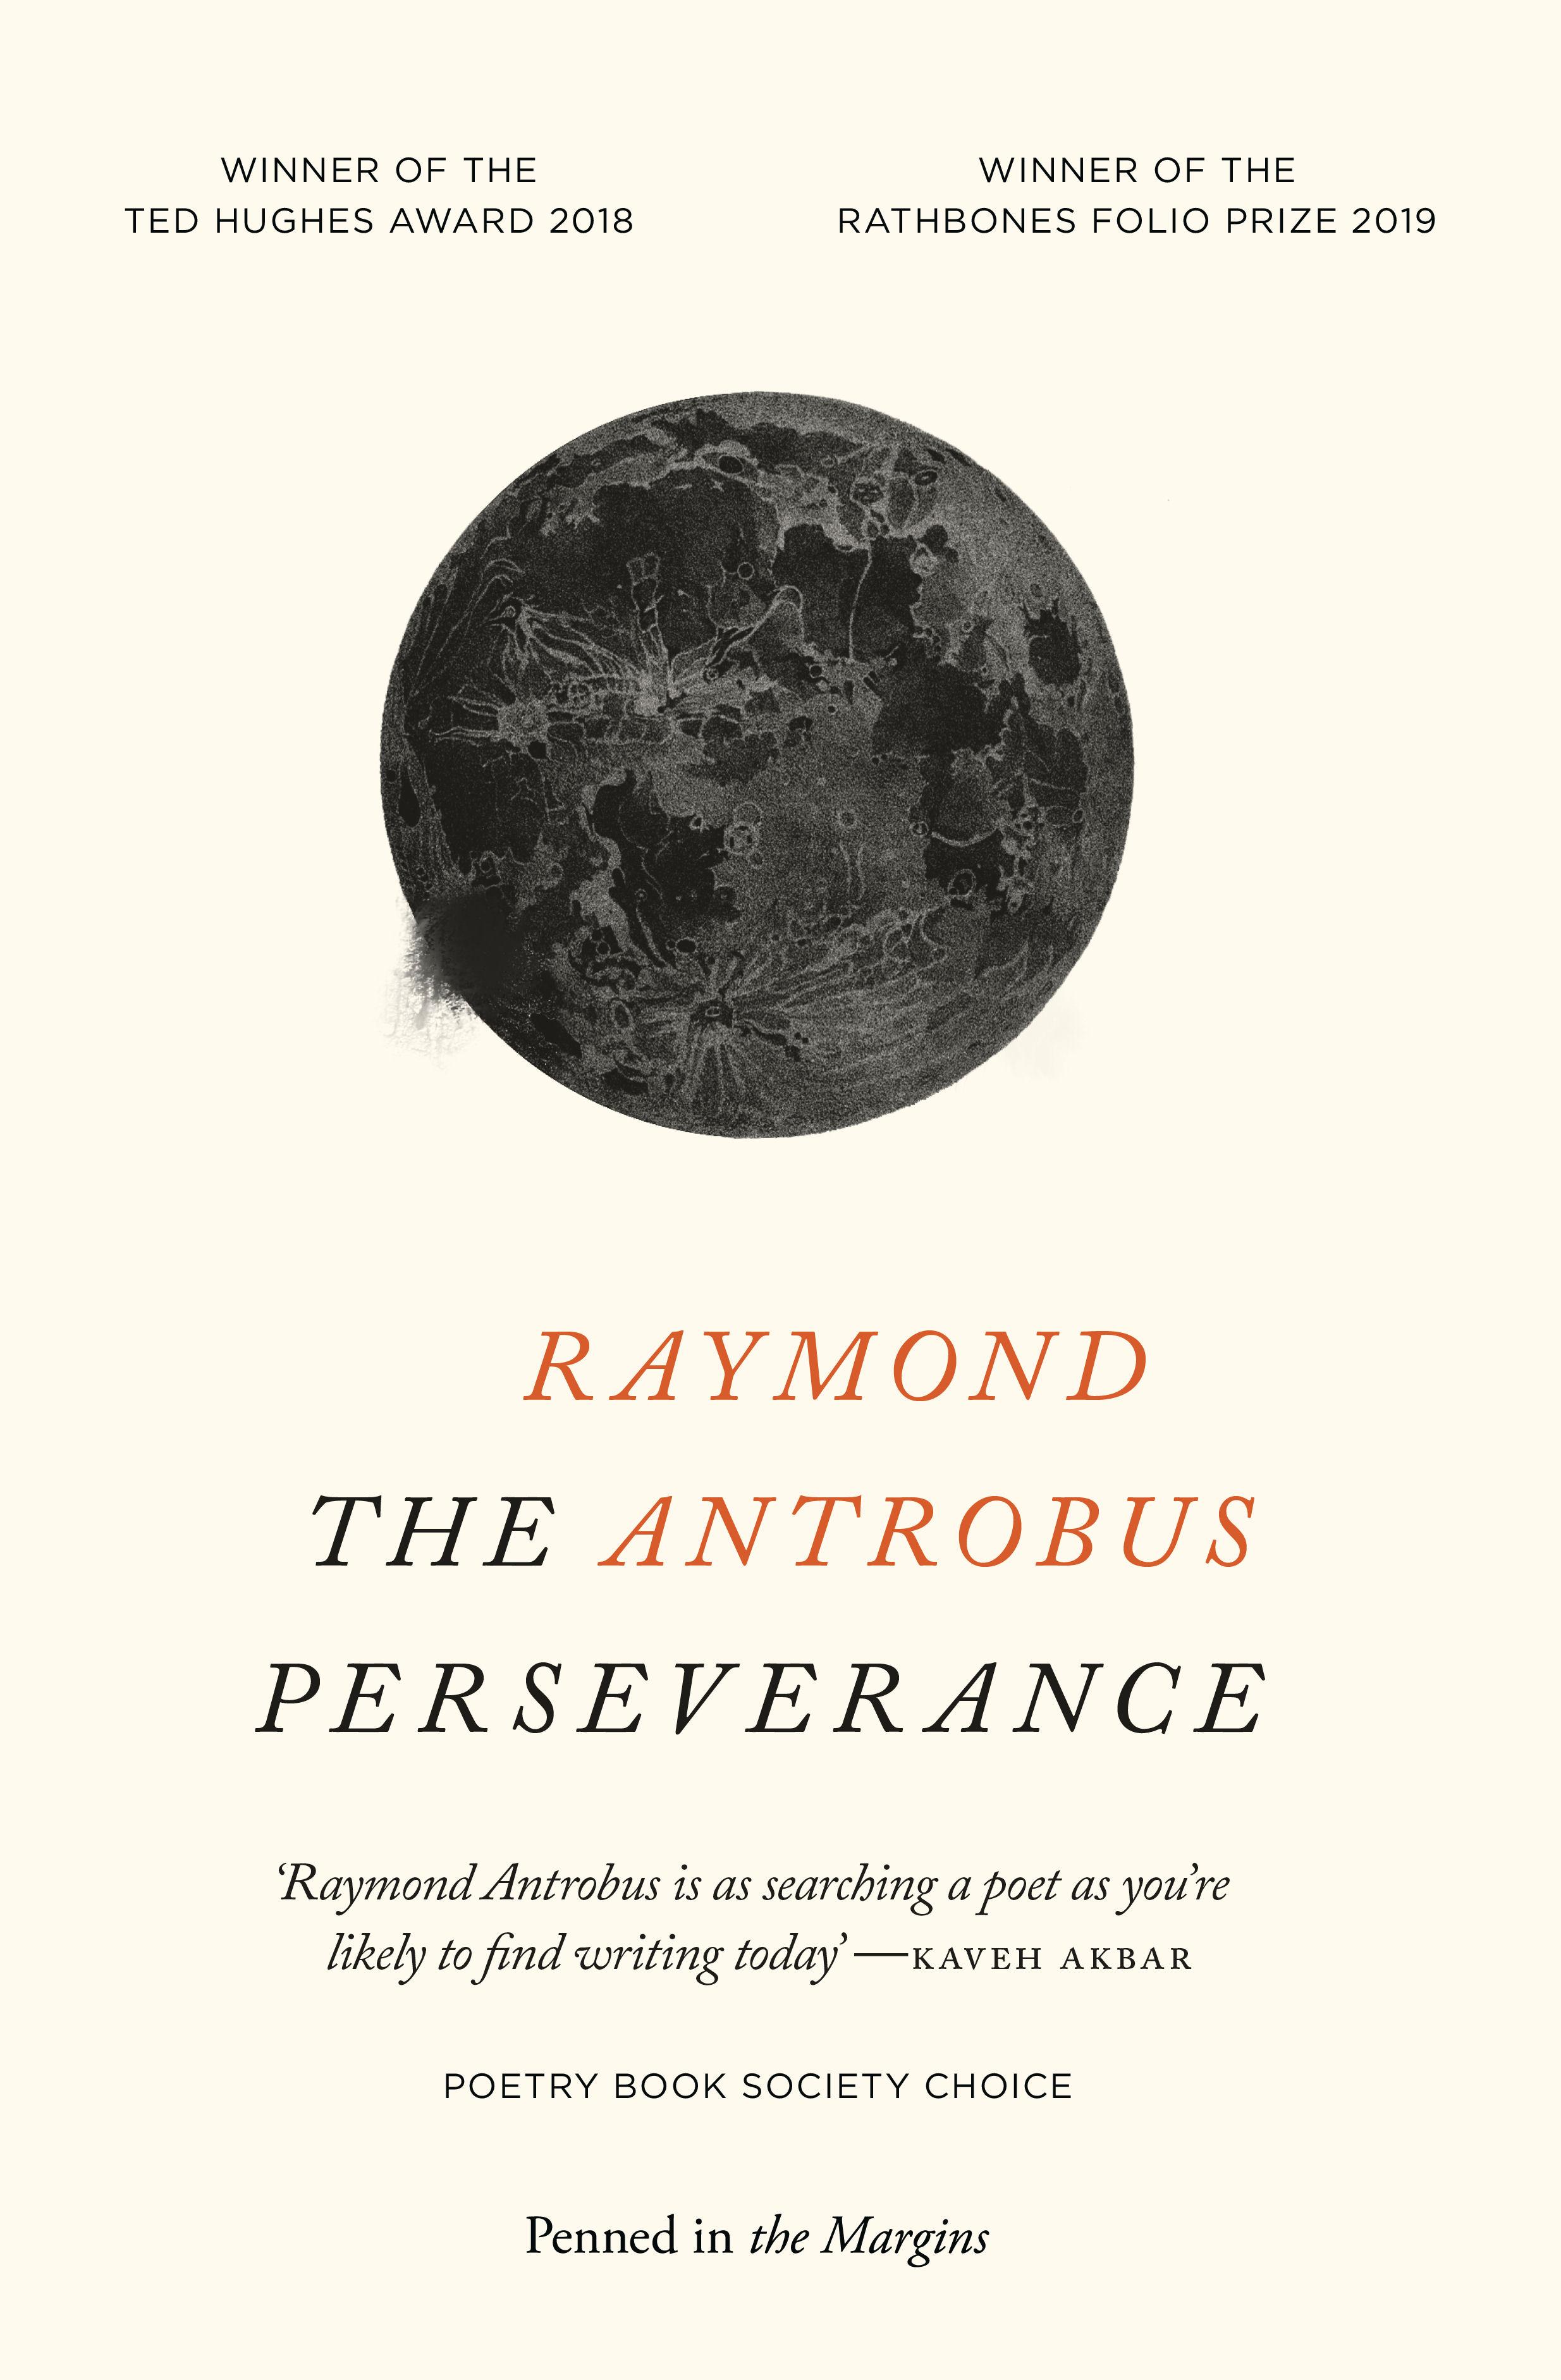 Raymond Antrobus